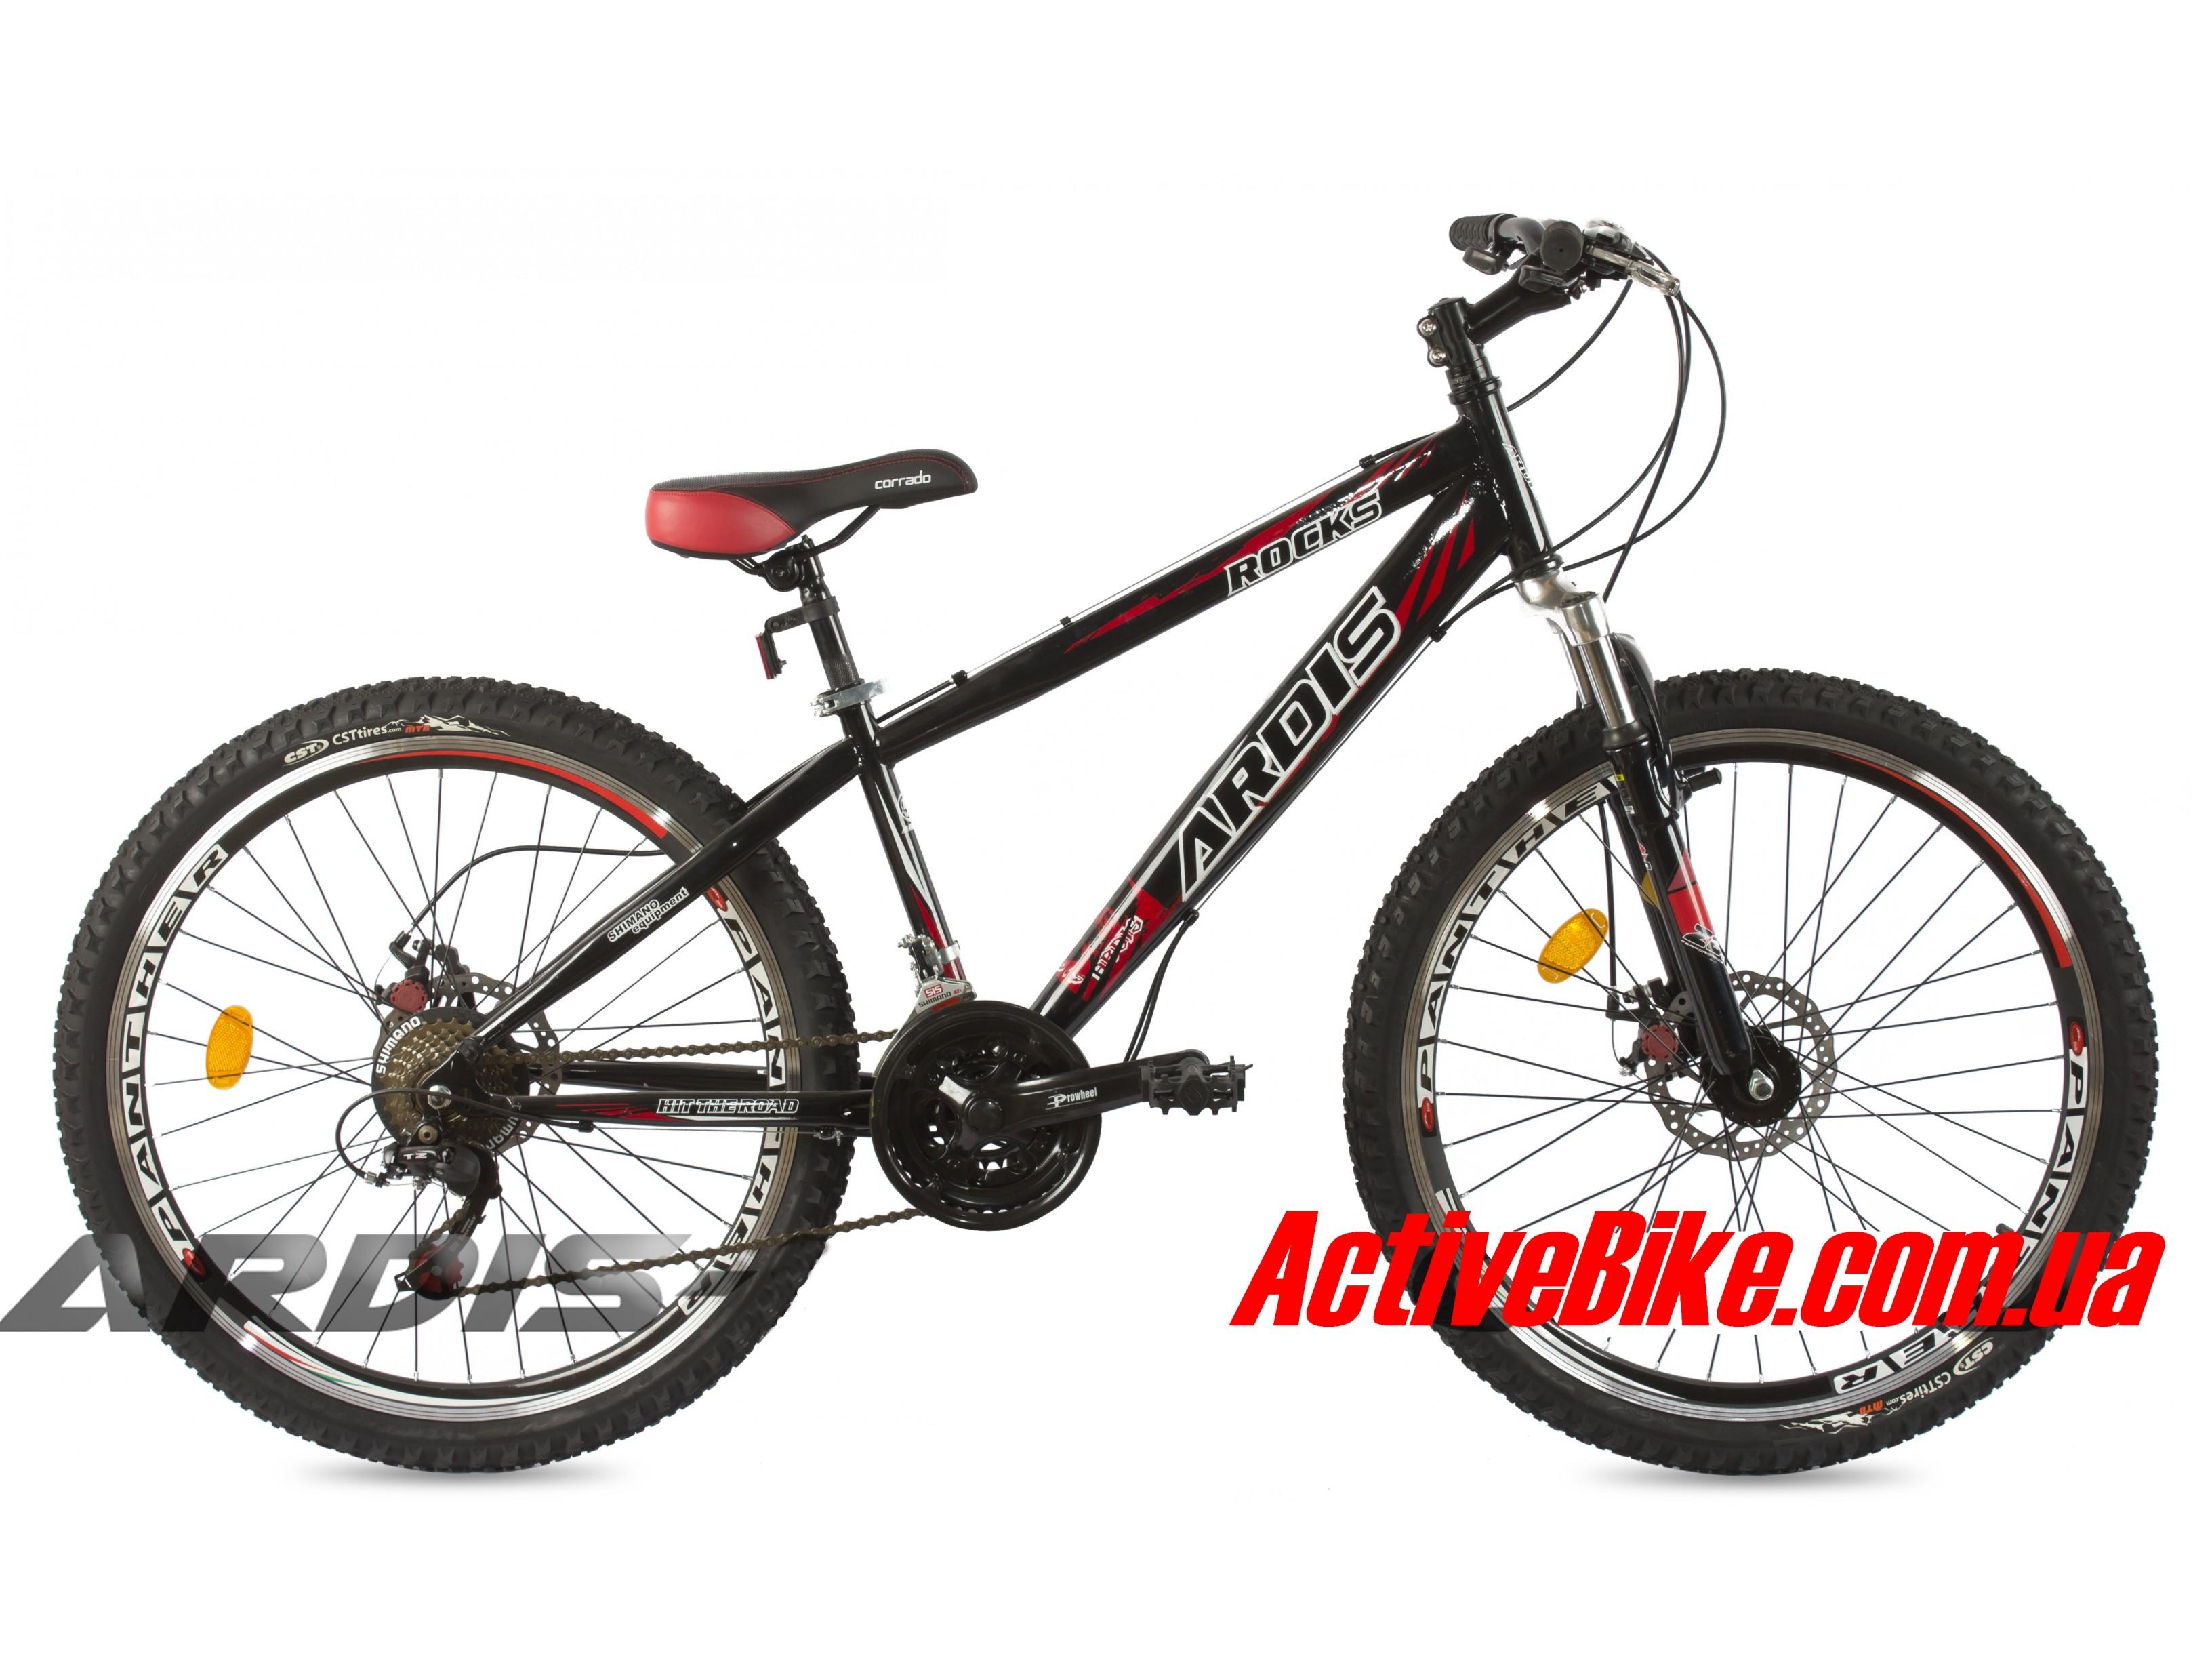 polaris квадроциклы официальный